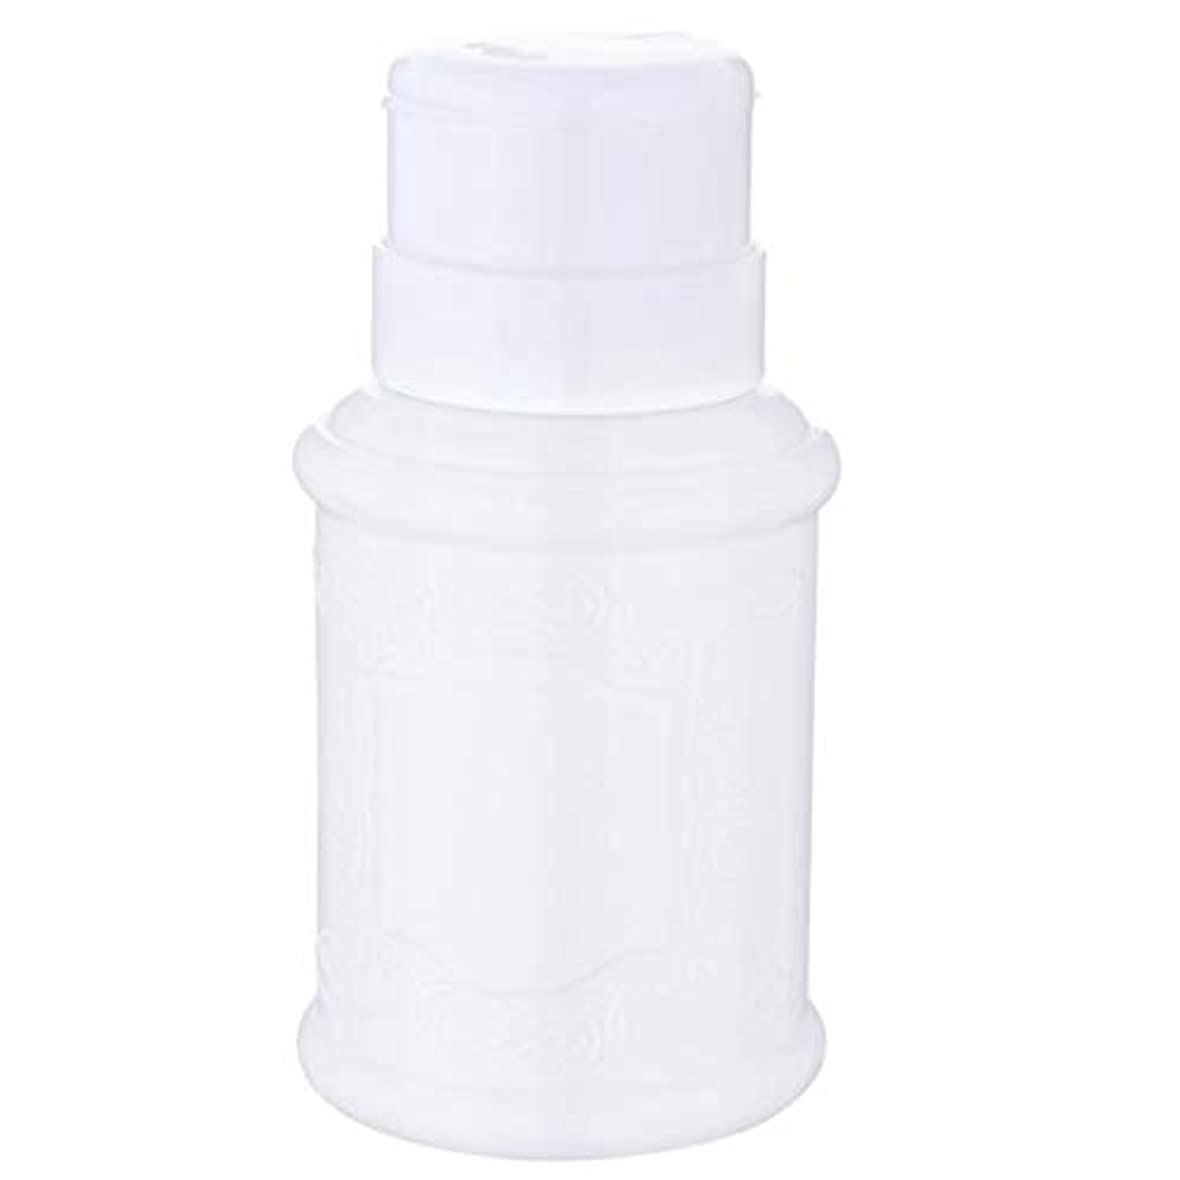 ロッドブルすきT TOOYFUL 空ポンプ ボトル ネイルクリーナーボトル ポンプディスペンサー ネイル ポンプディスペンサー 全3色 - 白